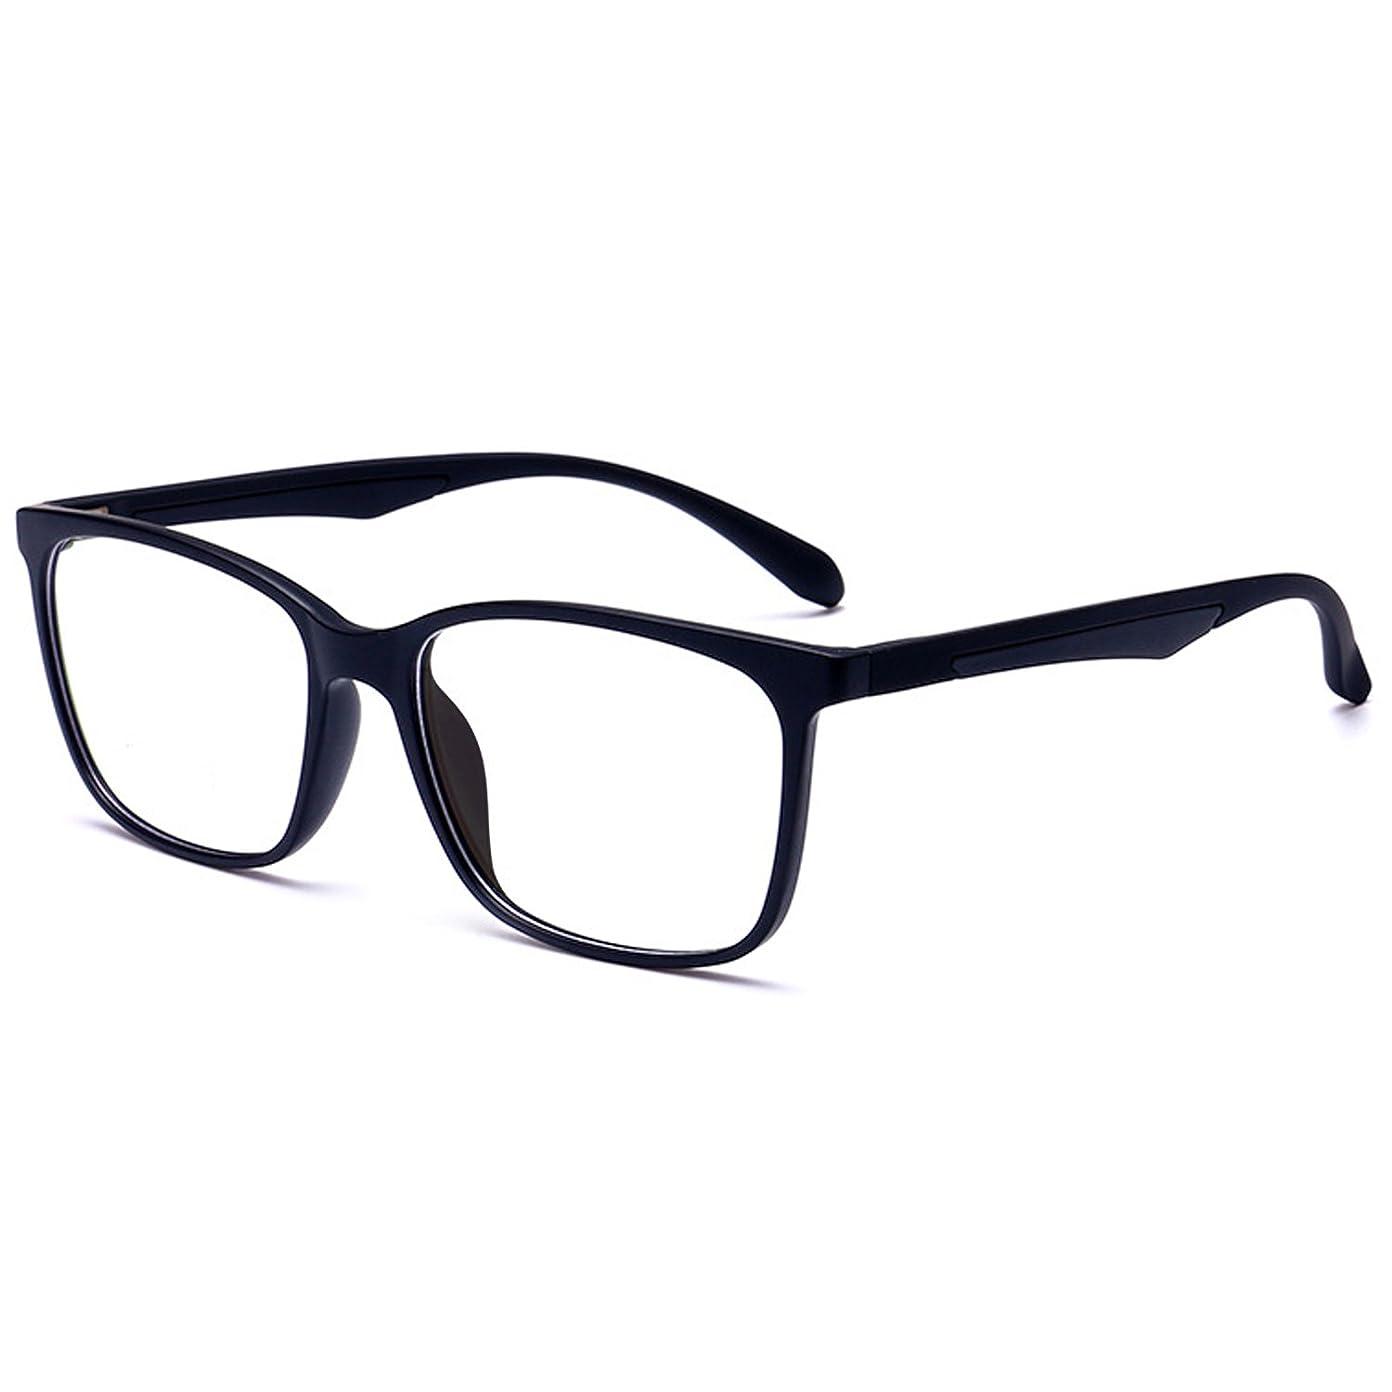 671c17e3d0ee ... ANRRI Blue Light Blocking Glasses for Computer Use, Anti Eyestrain UV  Filter Lens Lightweight Frame